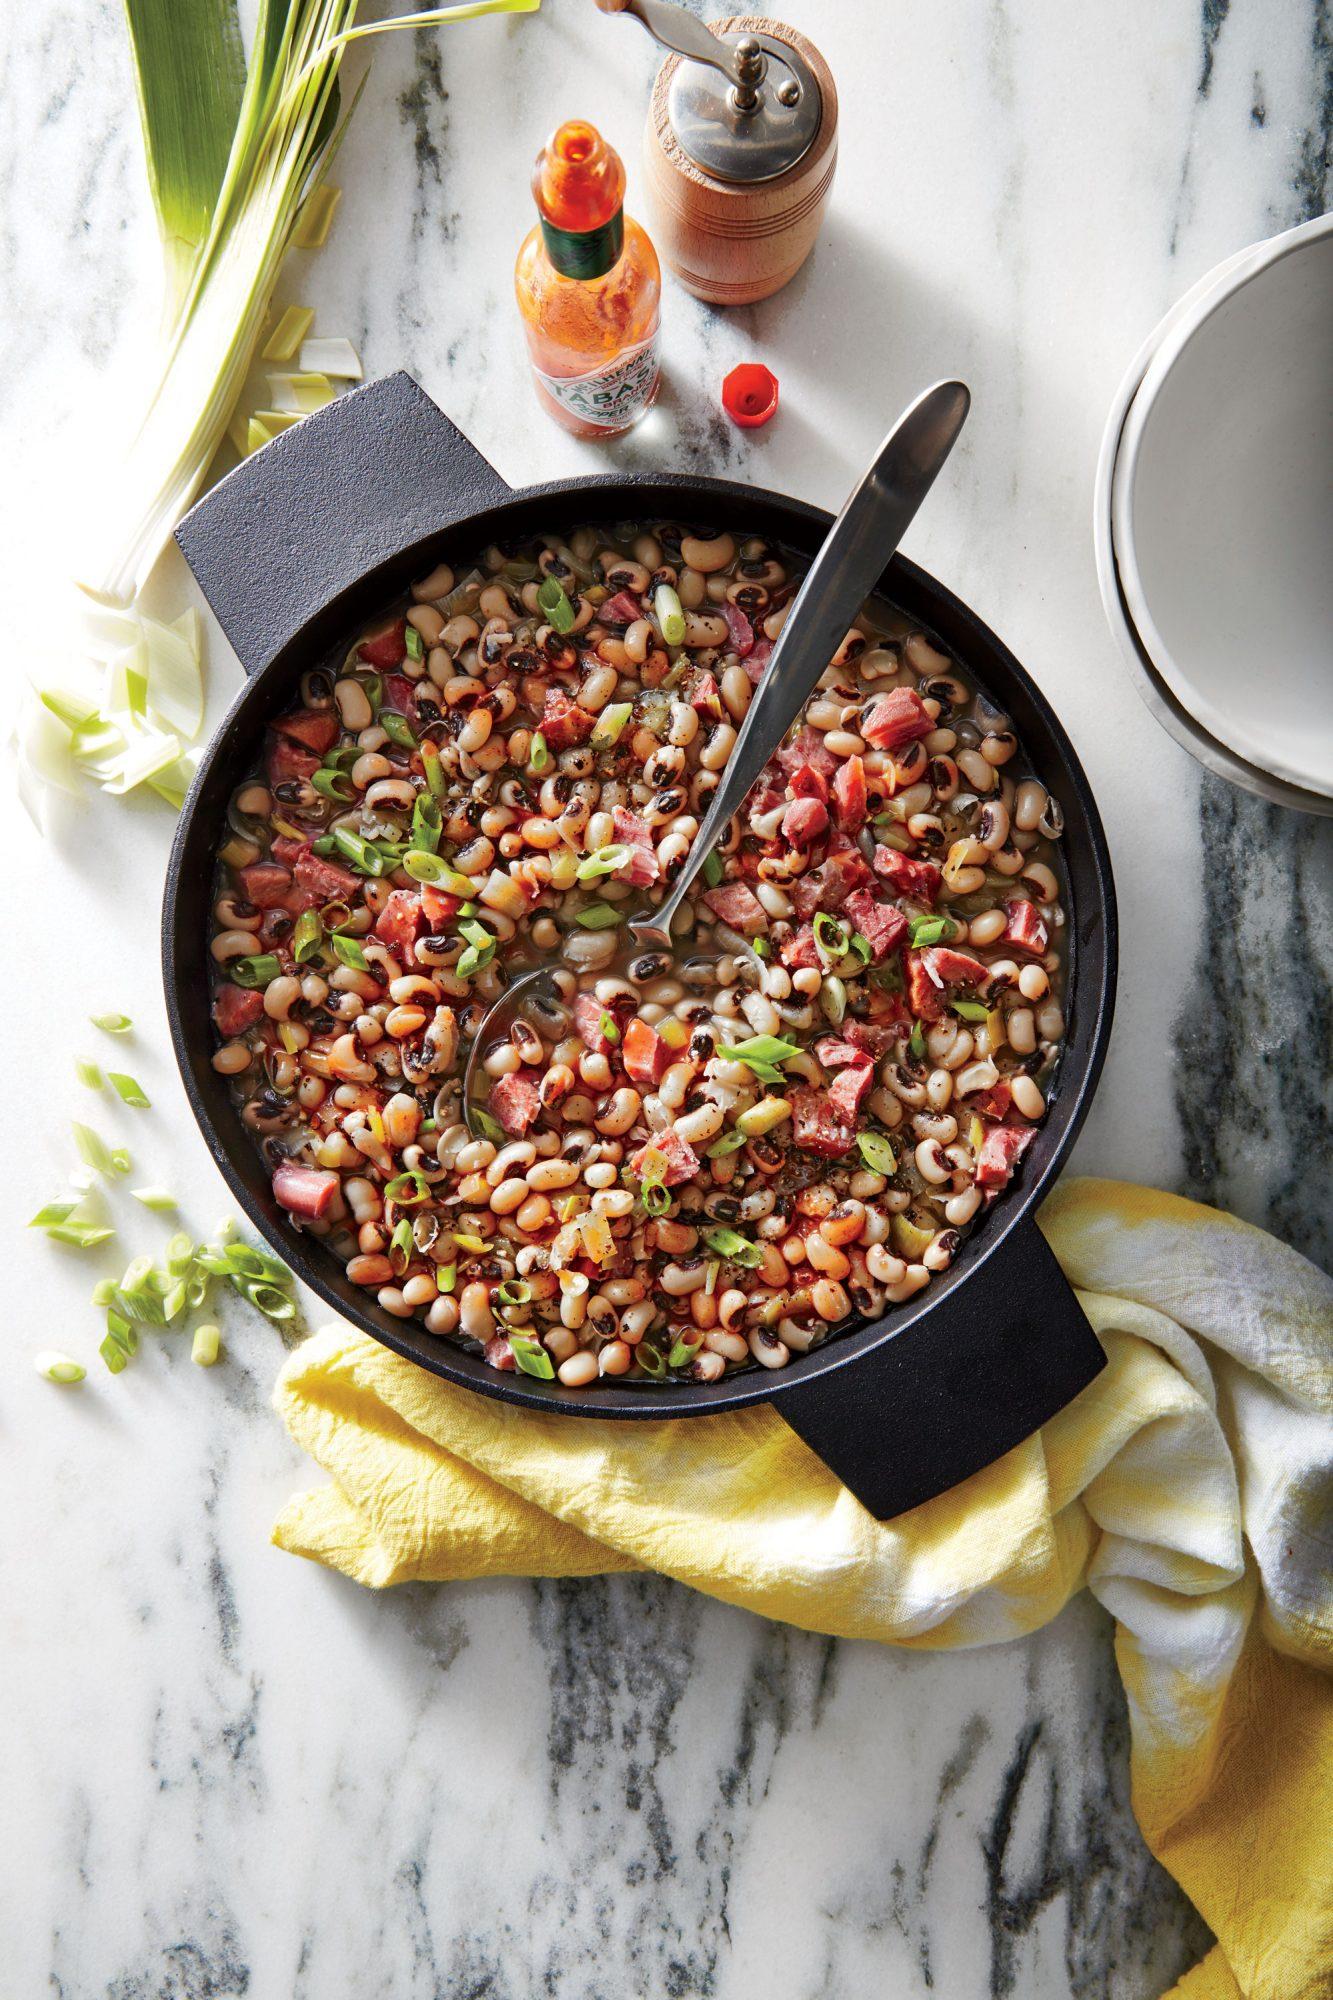 Smoky Black-Eyed Peas image